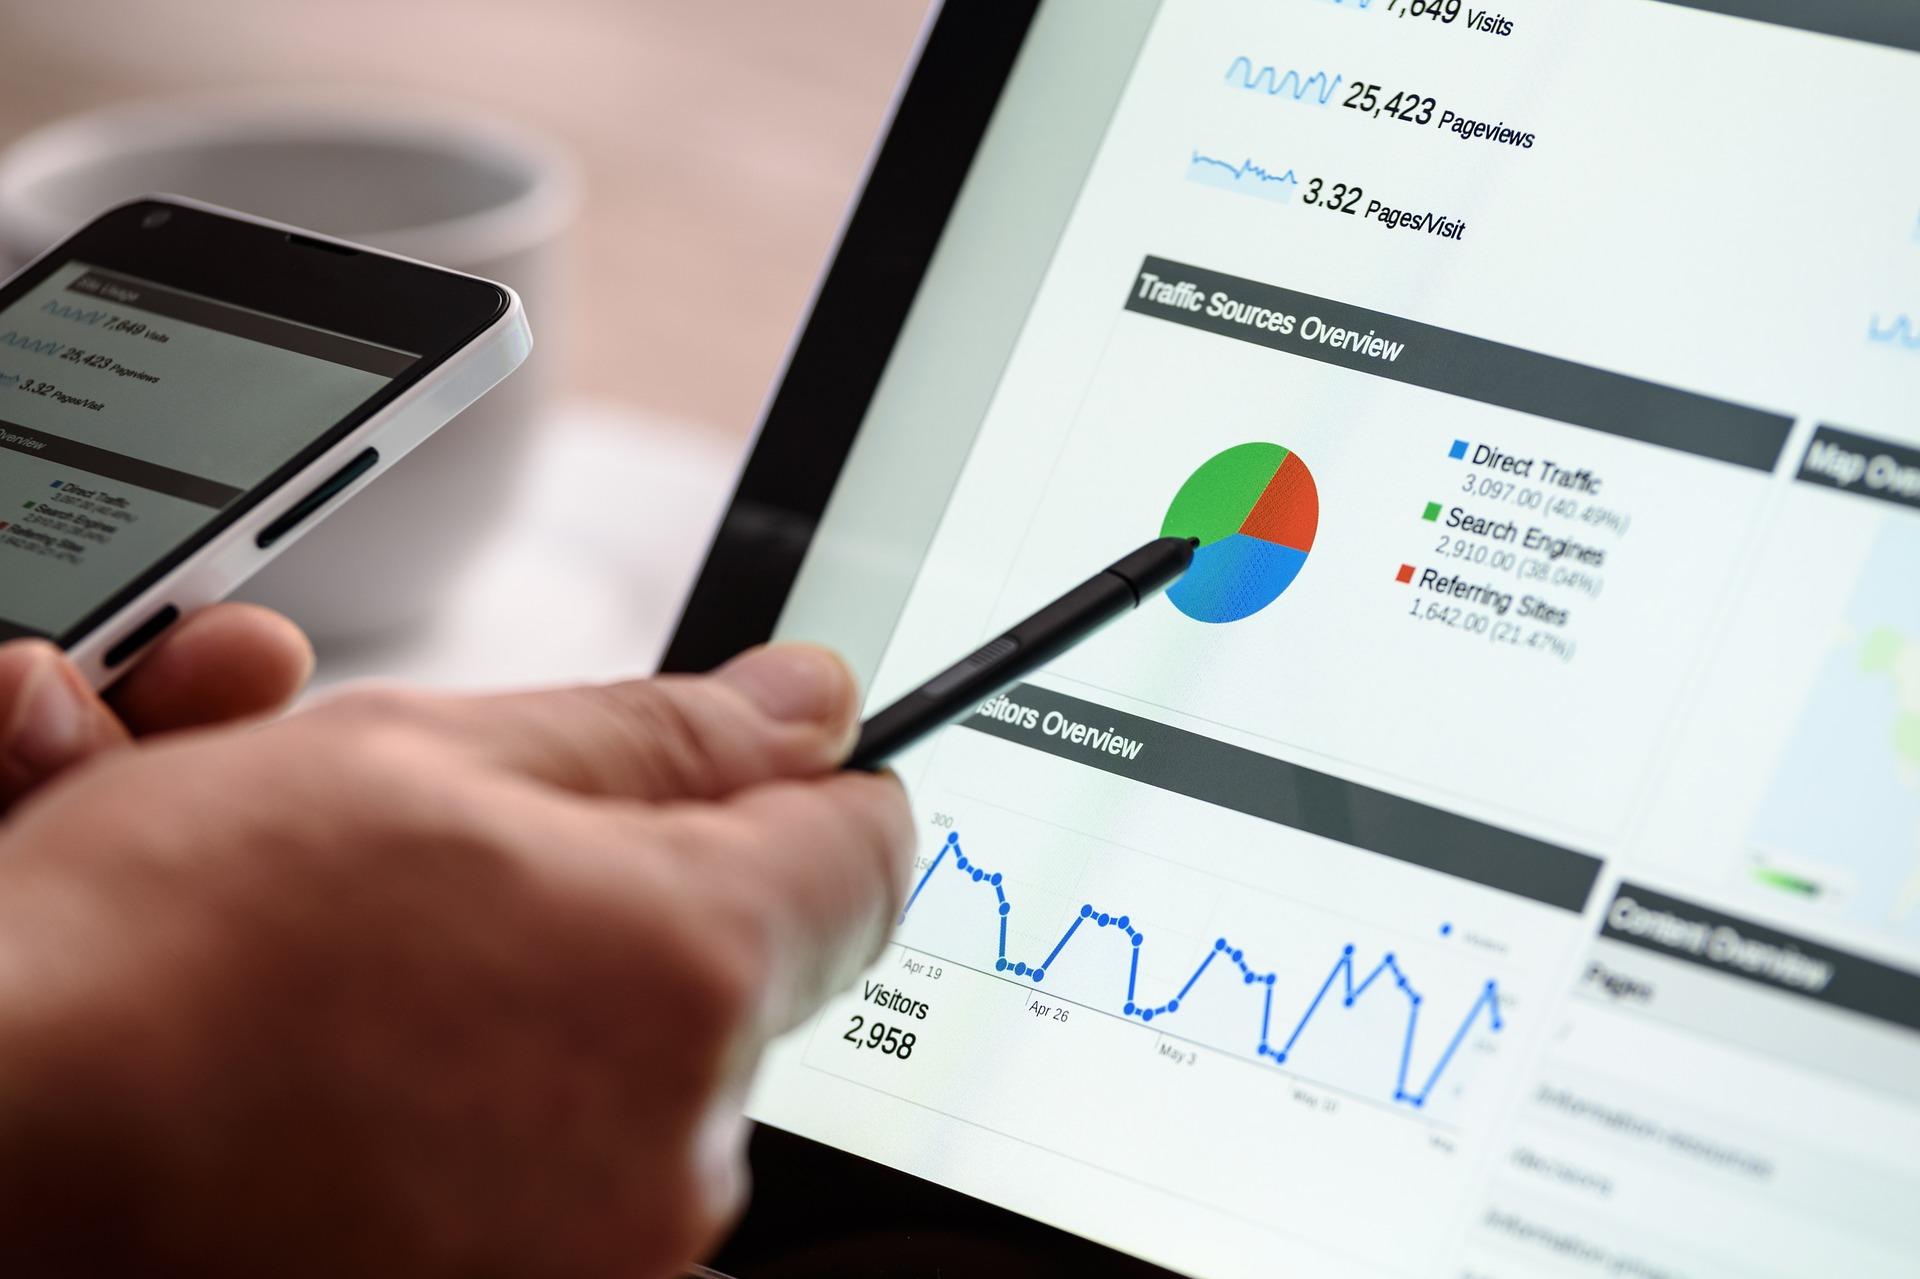 Encontrar el socio publicitario adecuado para aplicaciones móviles - Igor Lautar, Outfit7